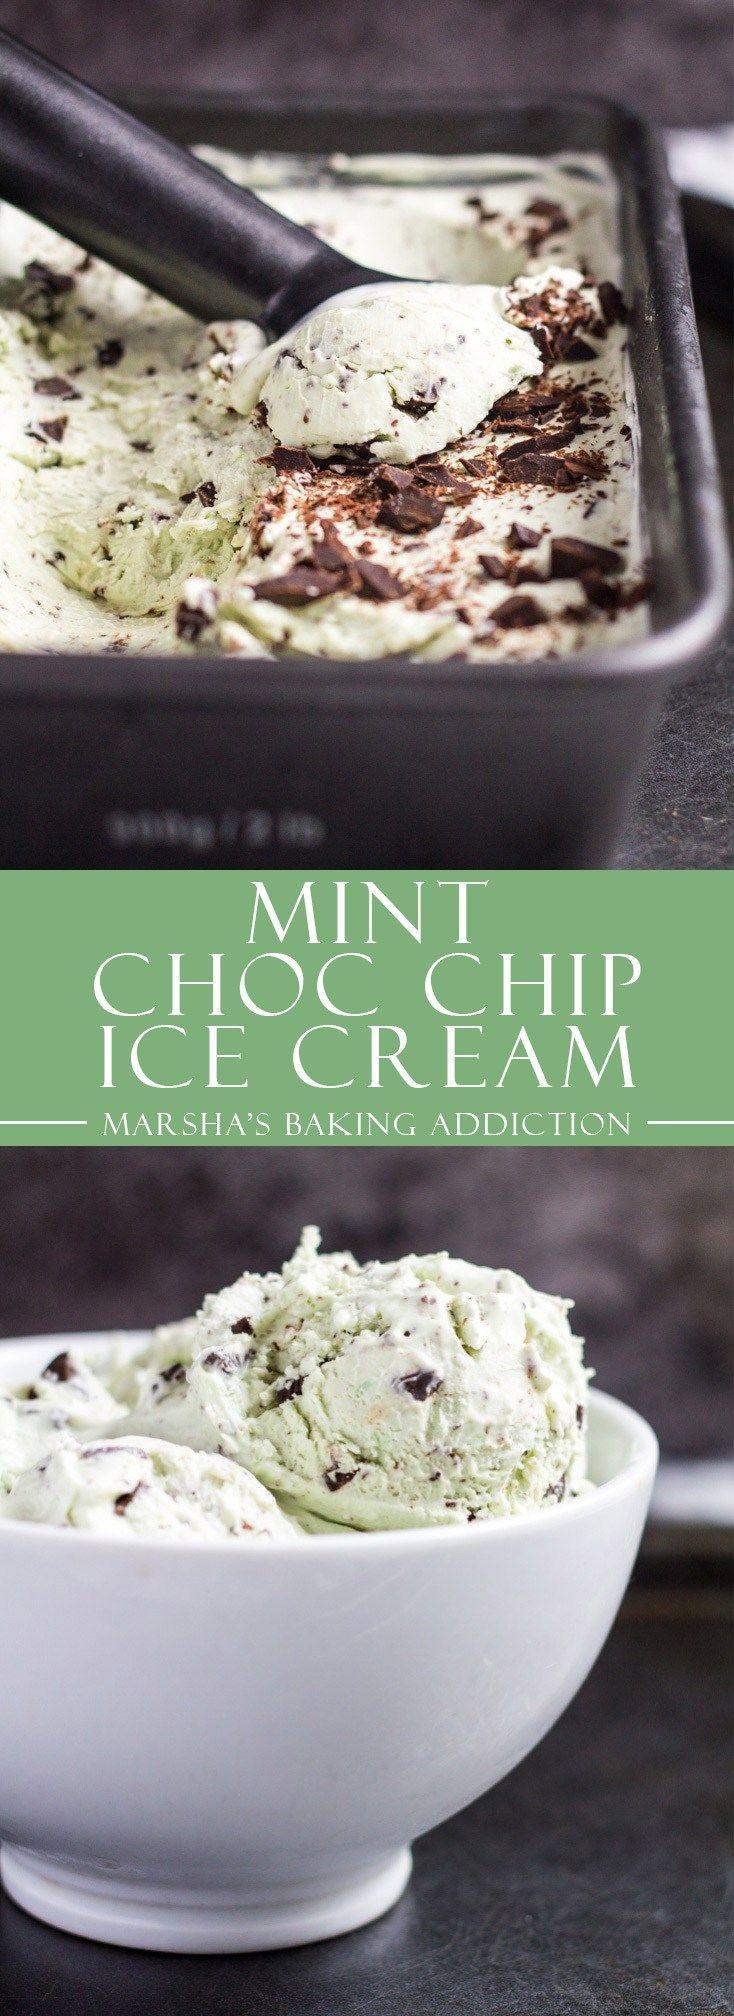 No-Churn Mint Chocolate Chip Ice Cream | marshasbakingaddiction.com @marshasbakeblog